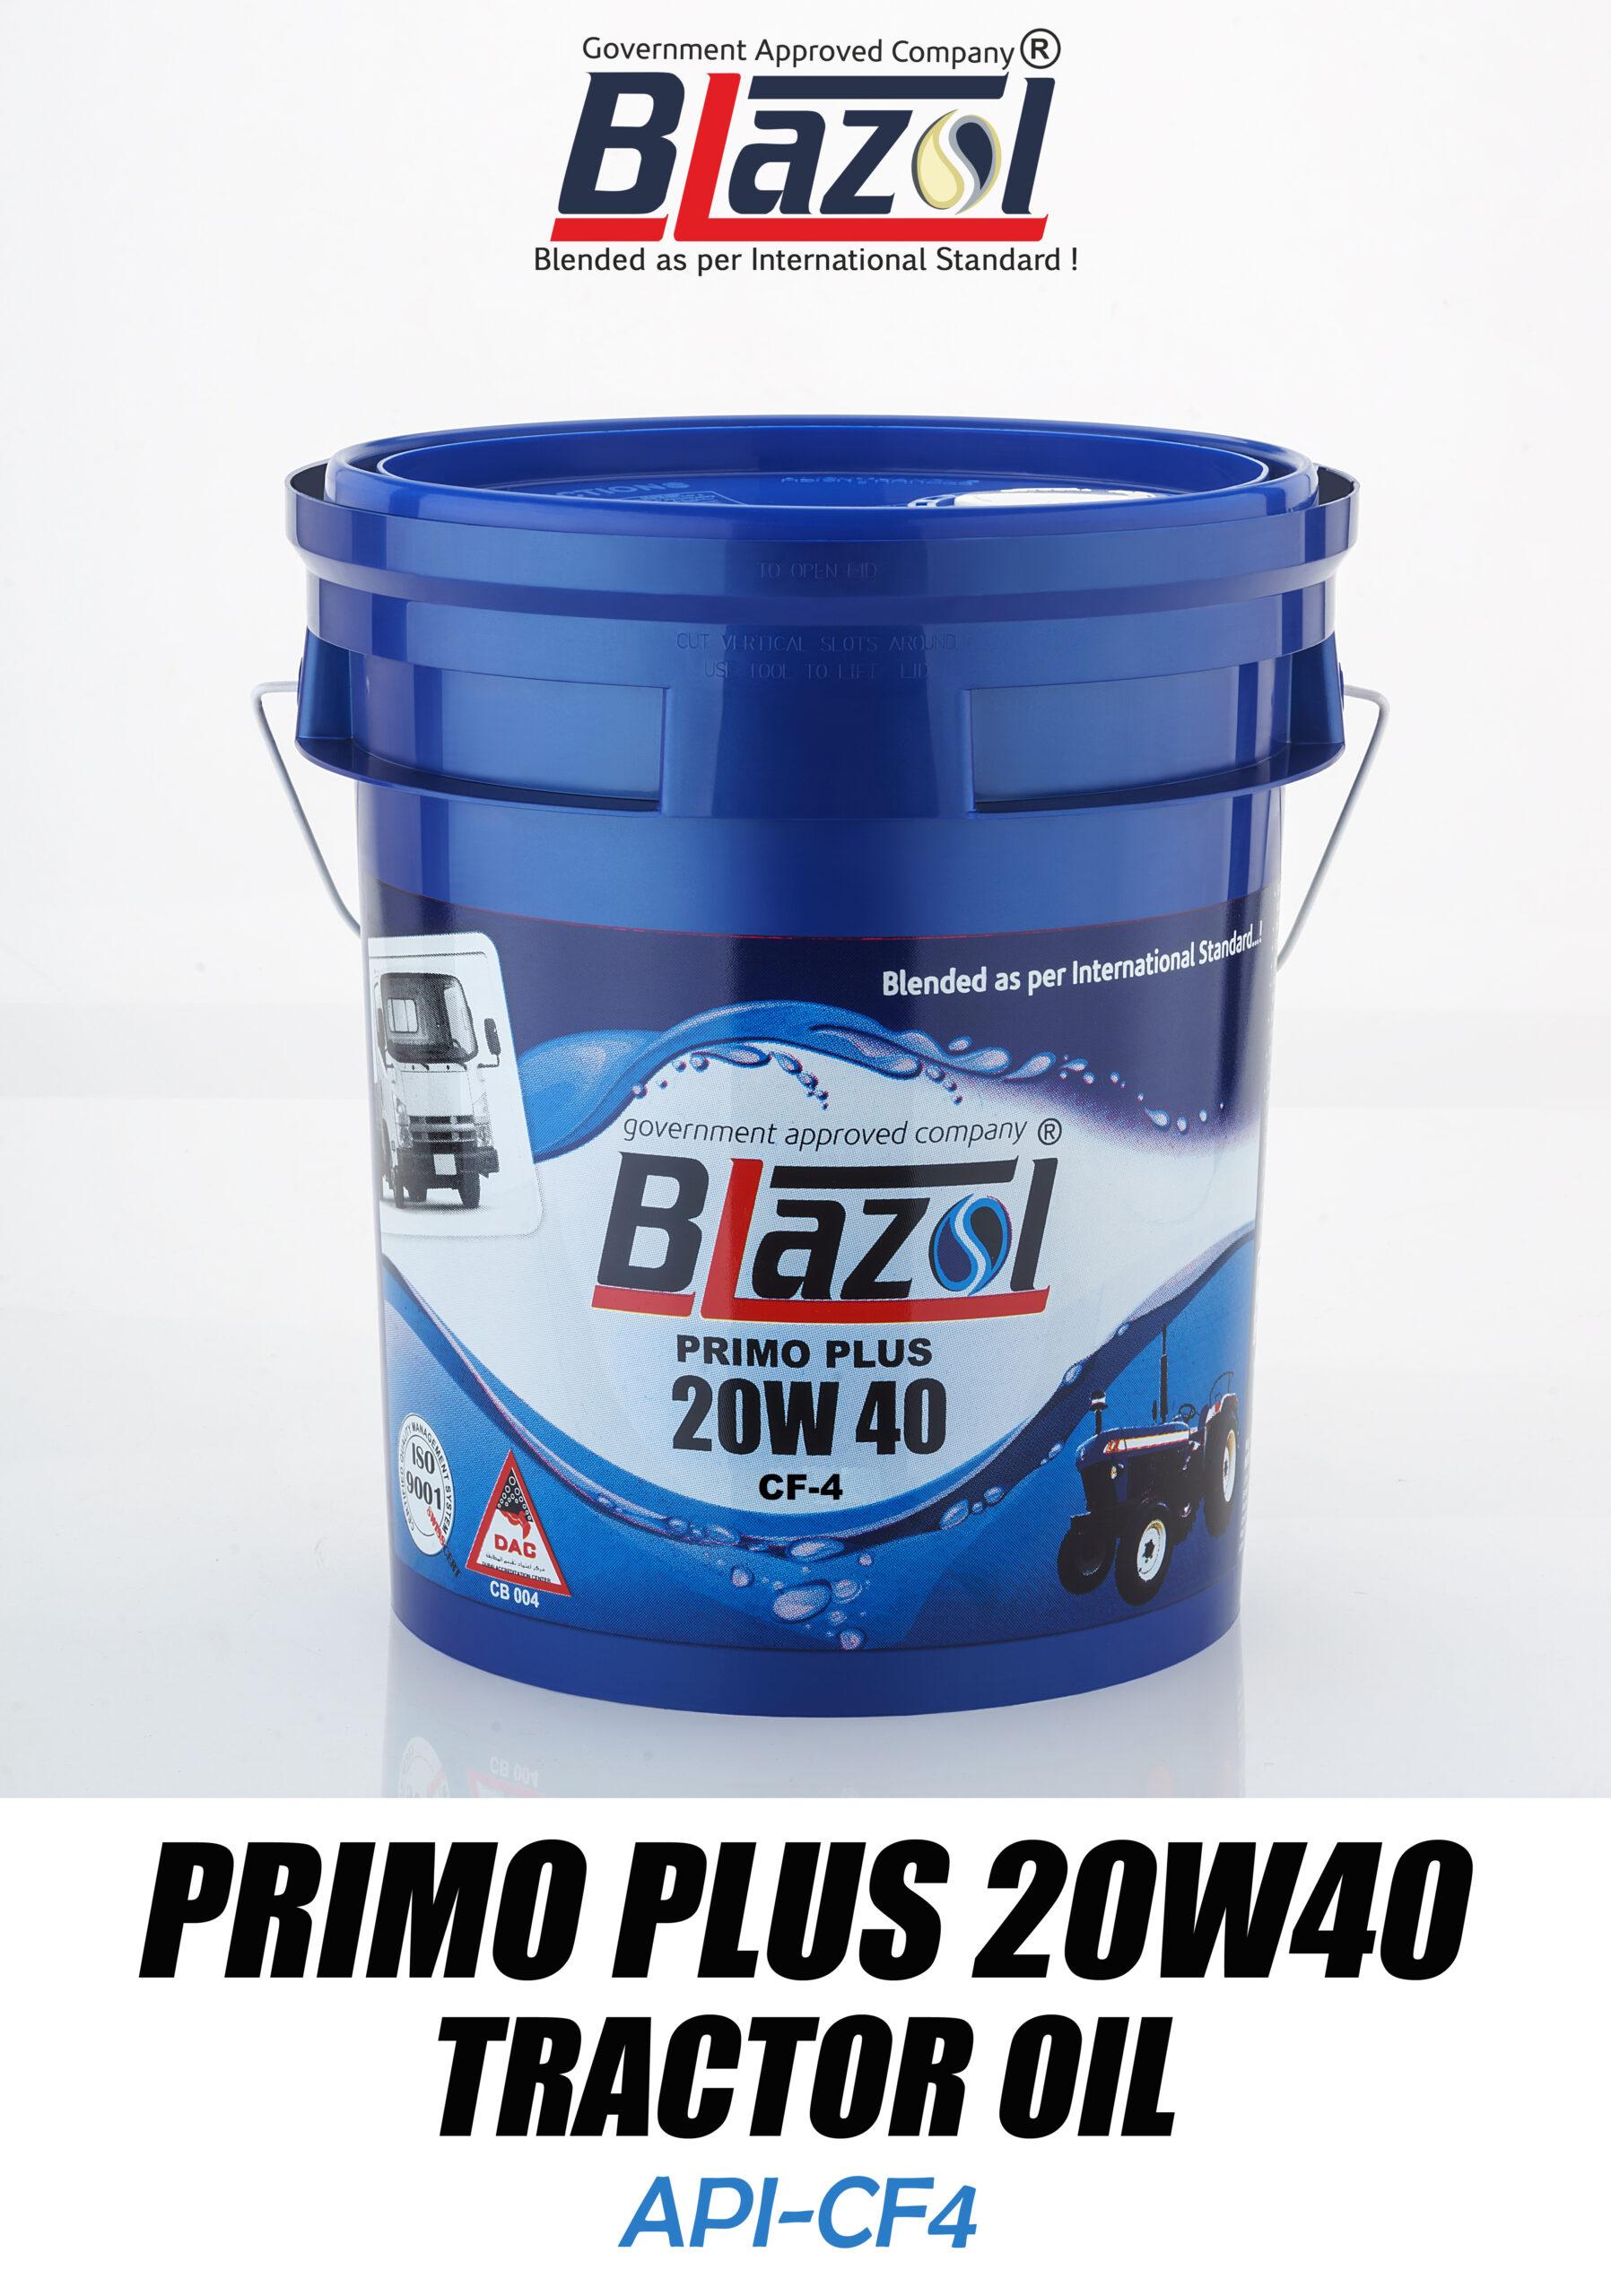 7.5 ltr PRIMO PLUS 20W40 tractor oil